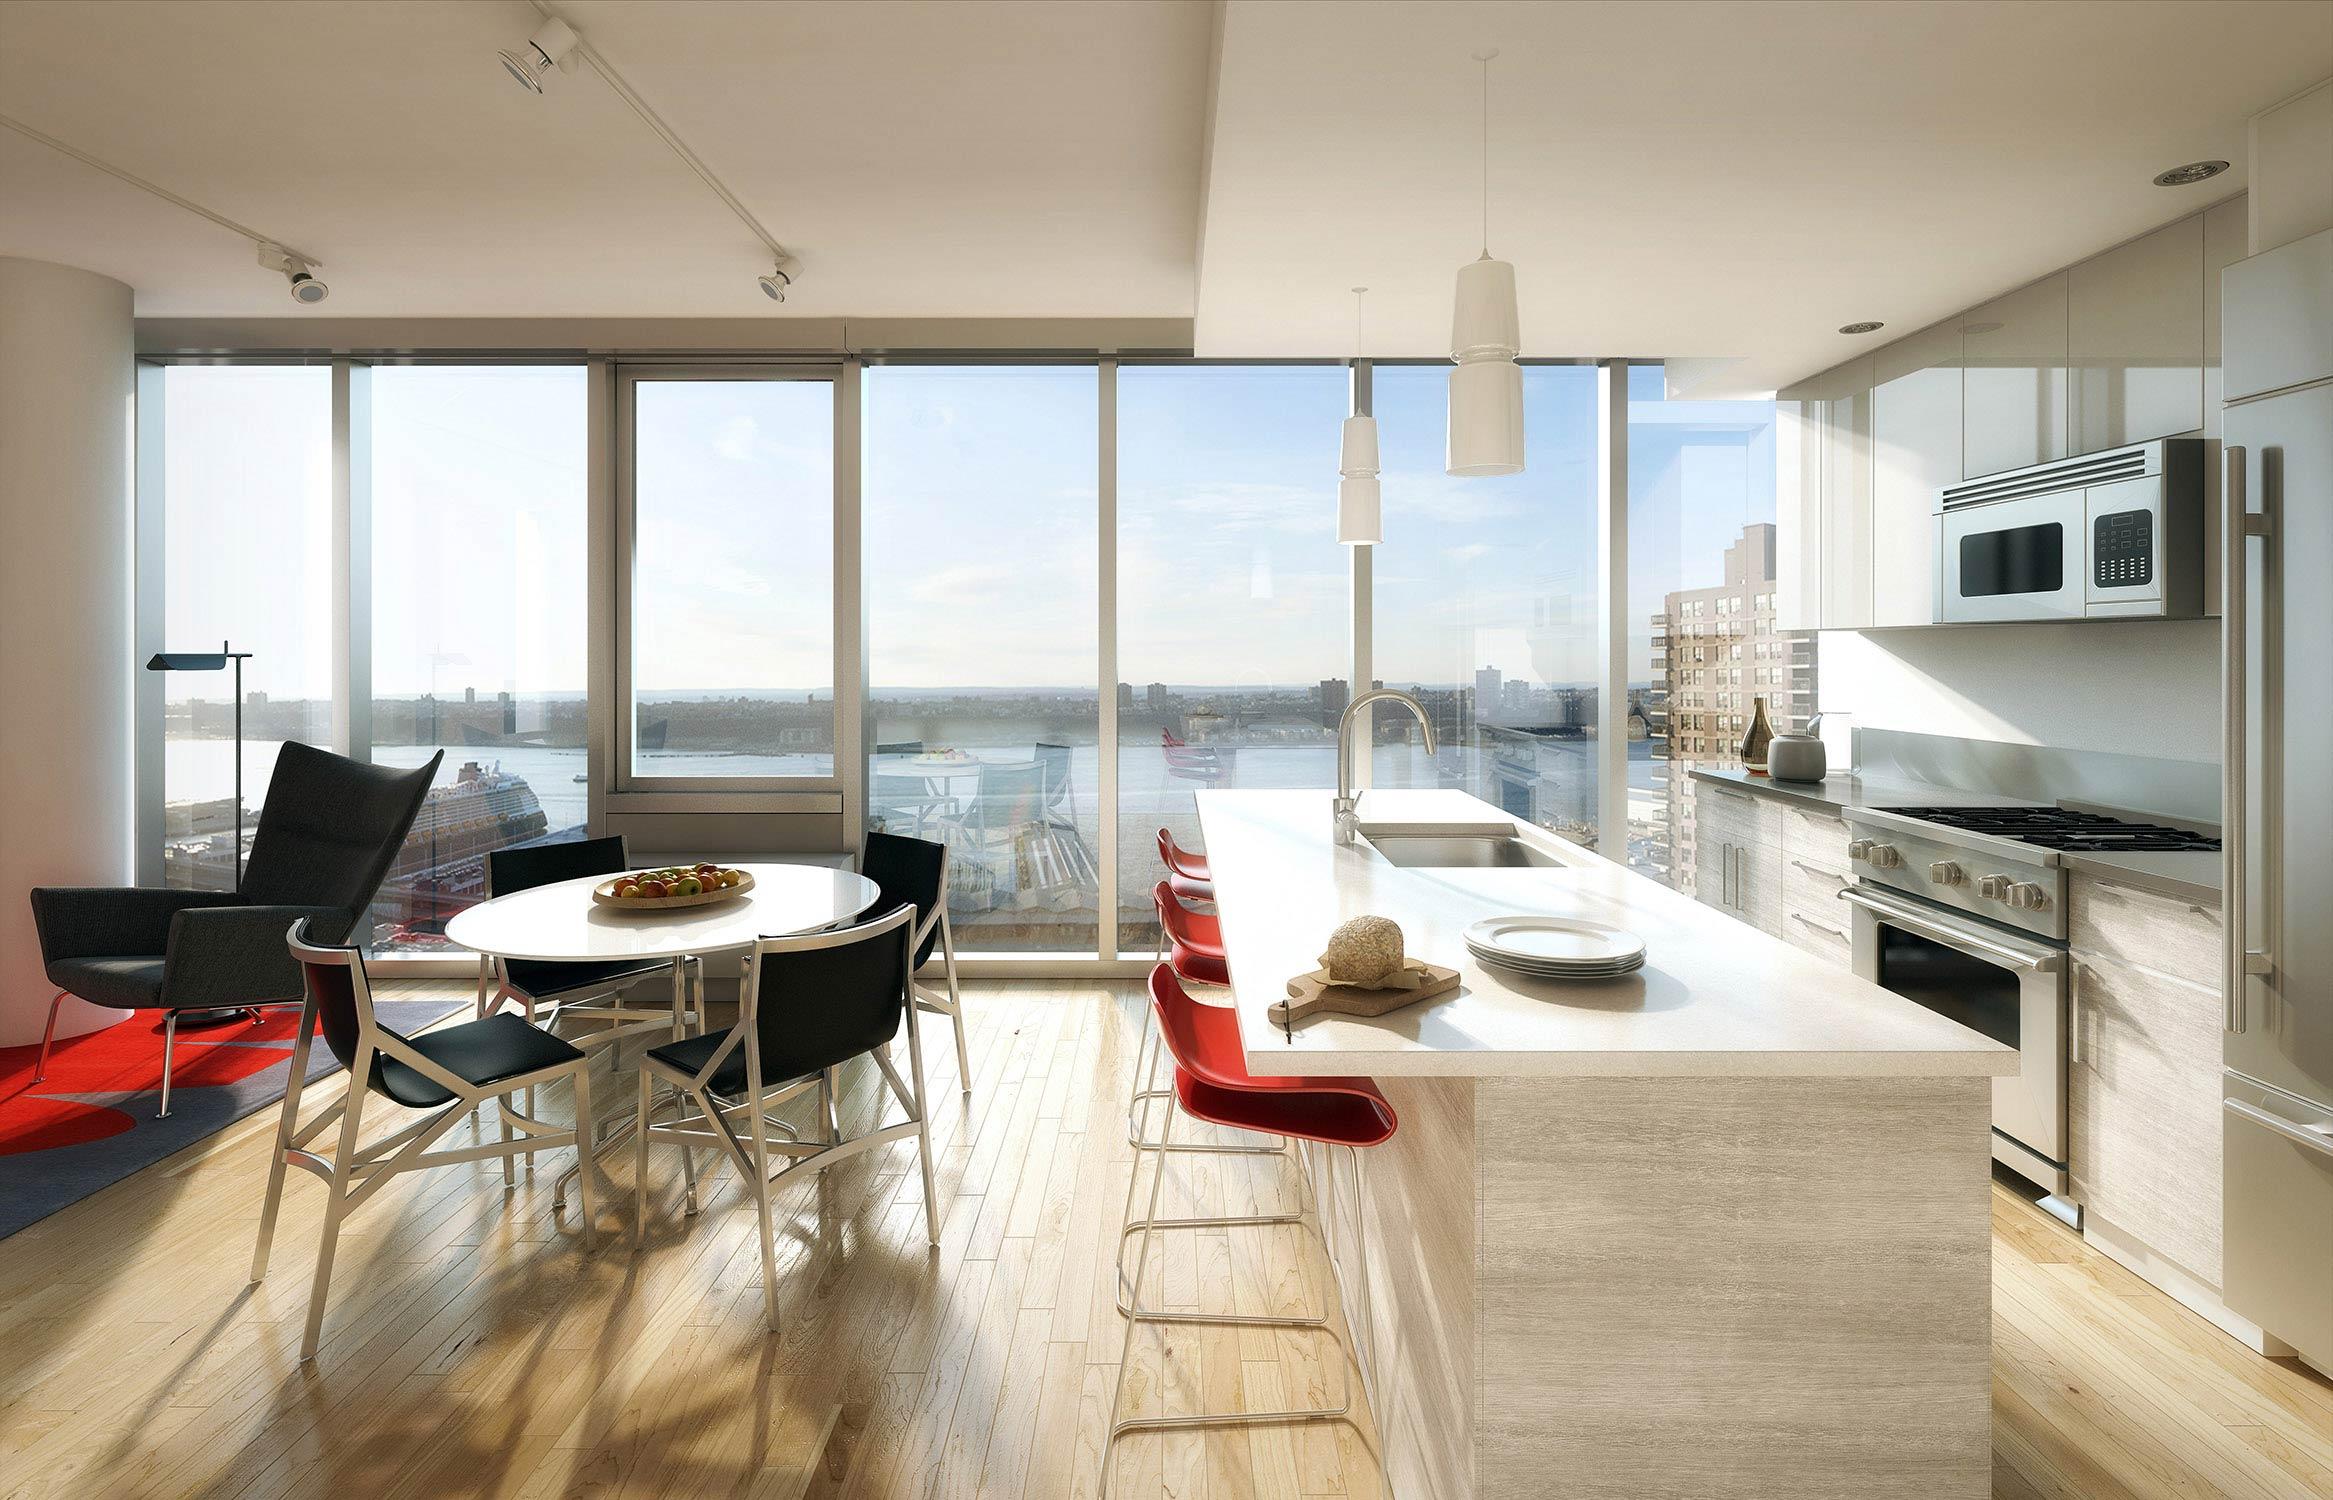 141_Mercedes_Kitchen.jpg